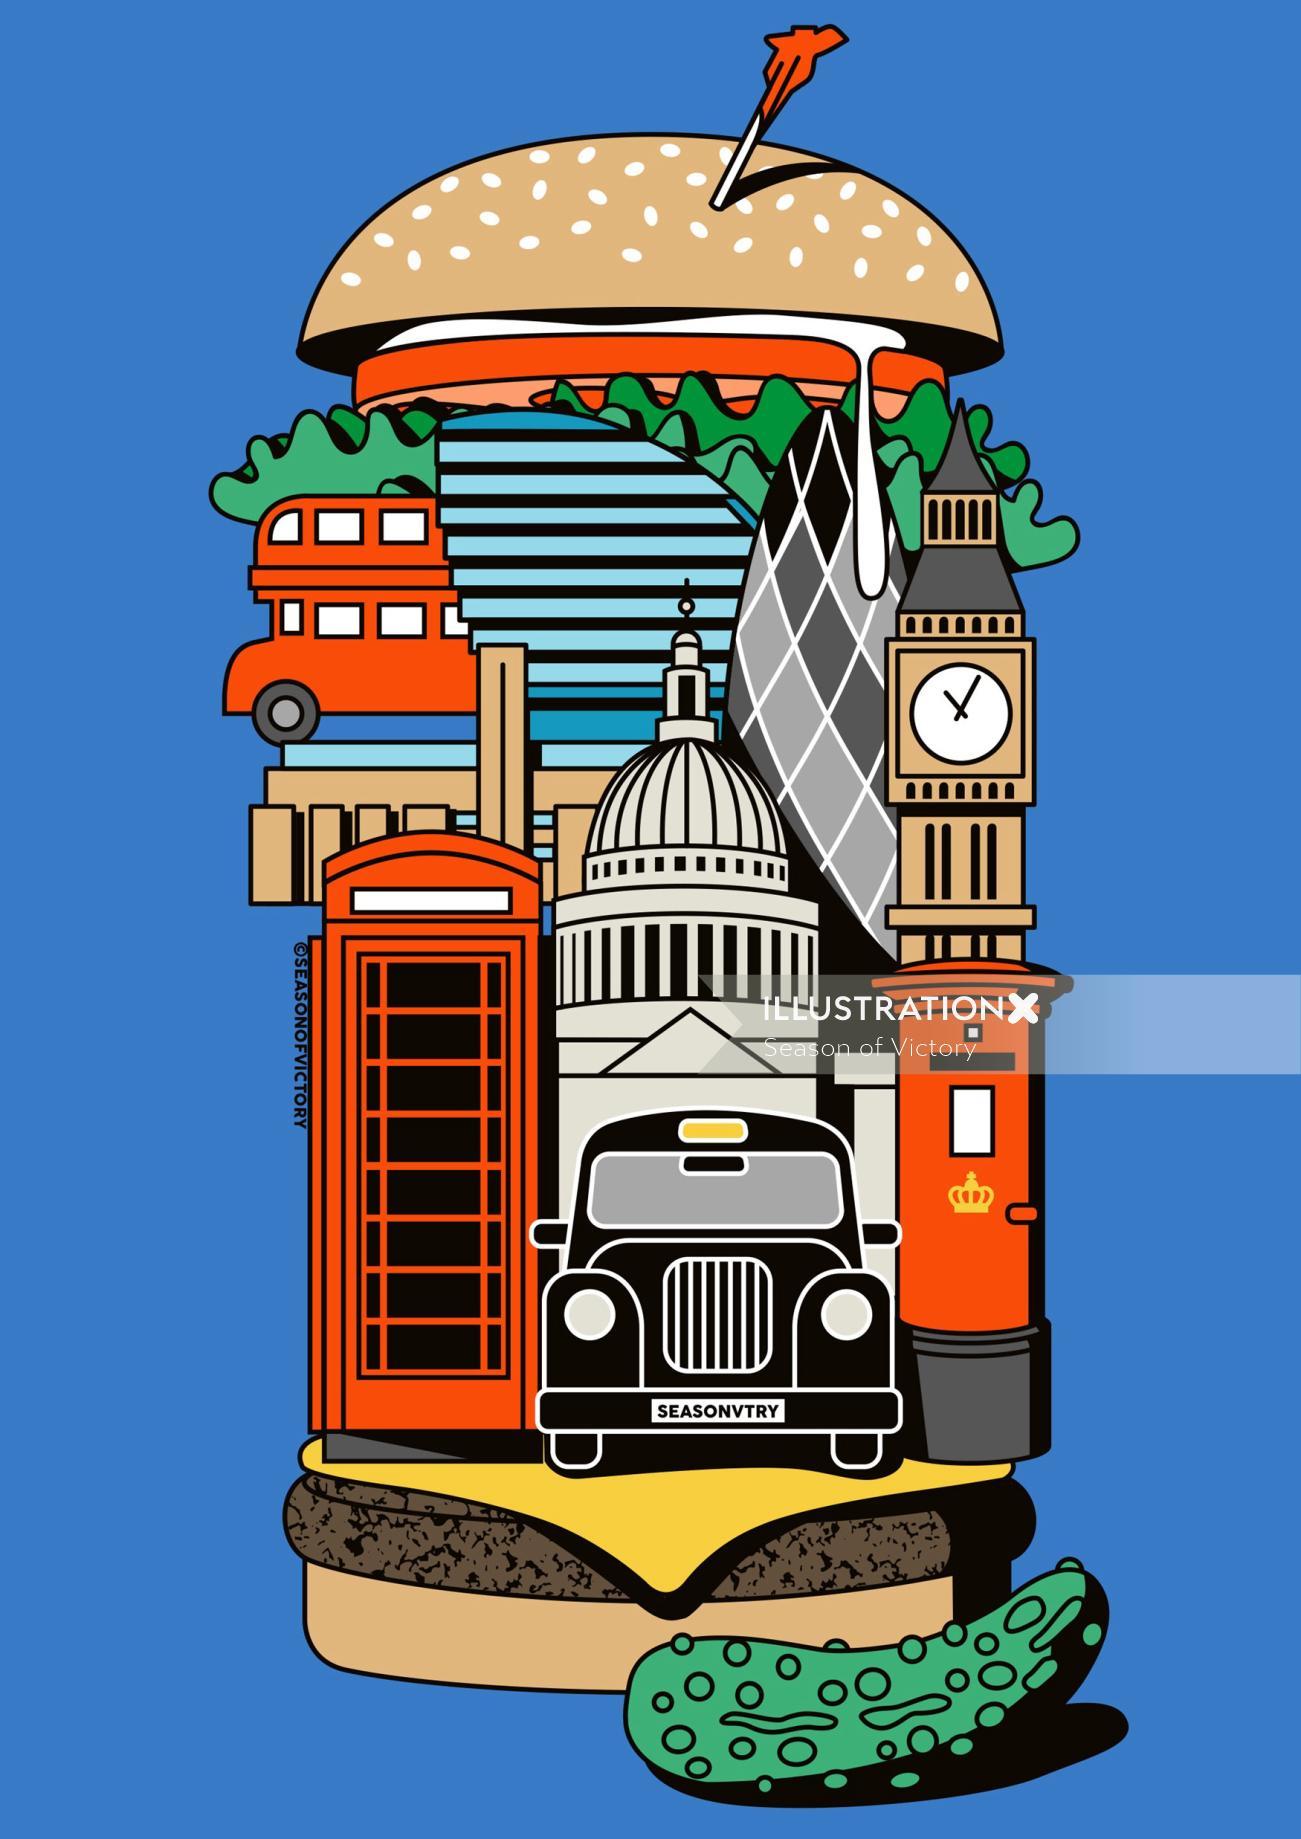 London restaurant guide editorial illustration